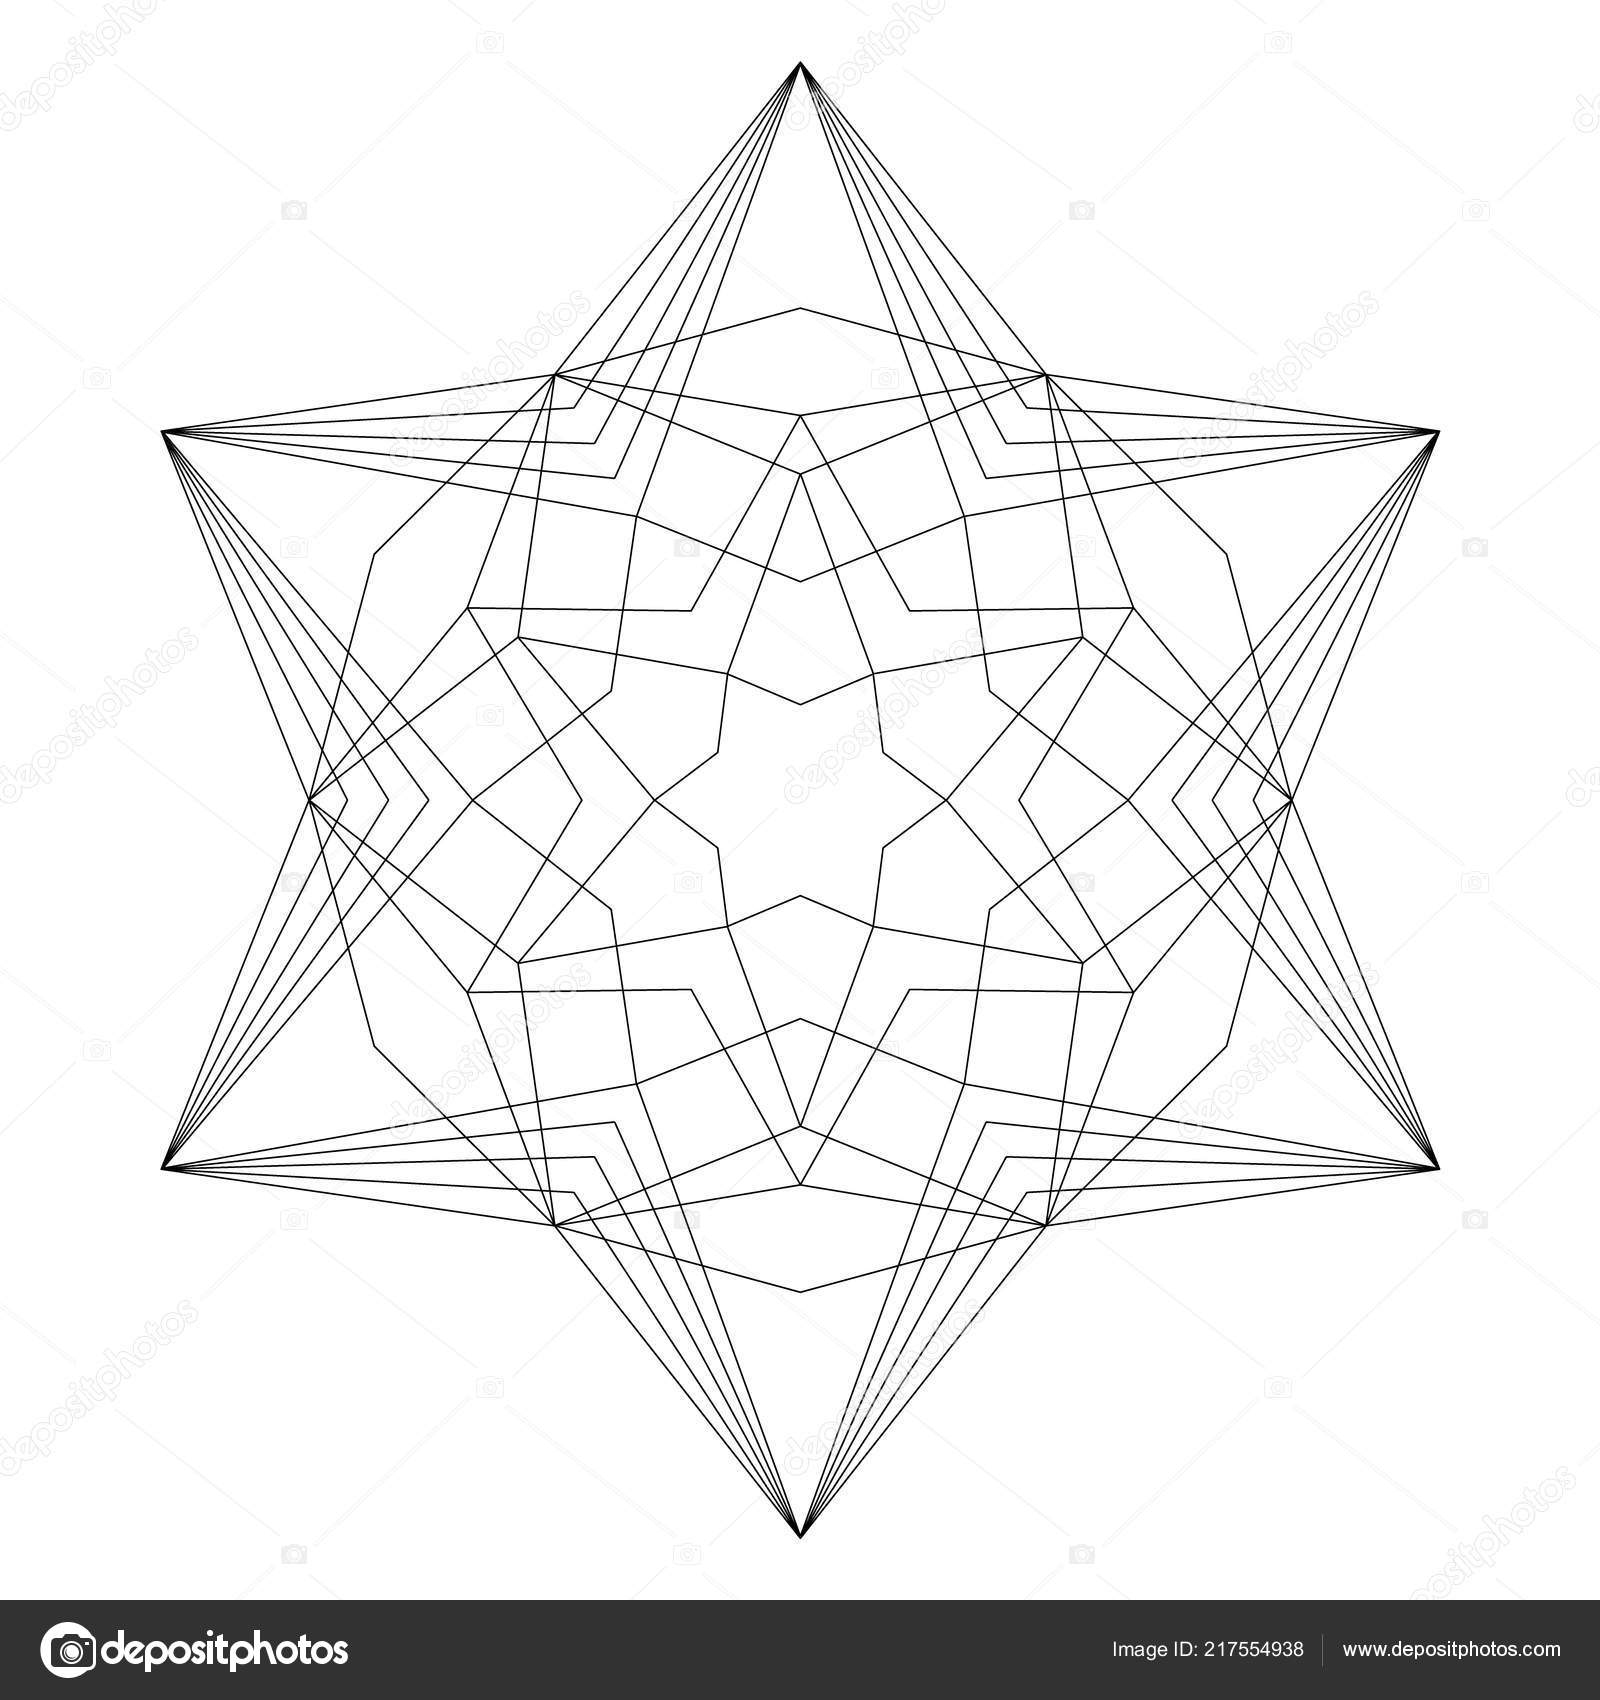 Vektör Siyah Beyaz Basit Noel Mandala Hexagram Yıldız şekli Kitap